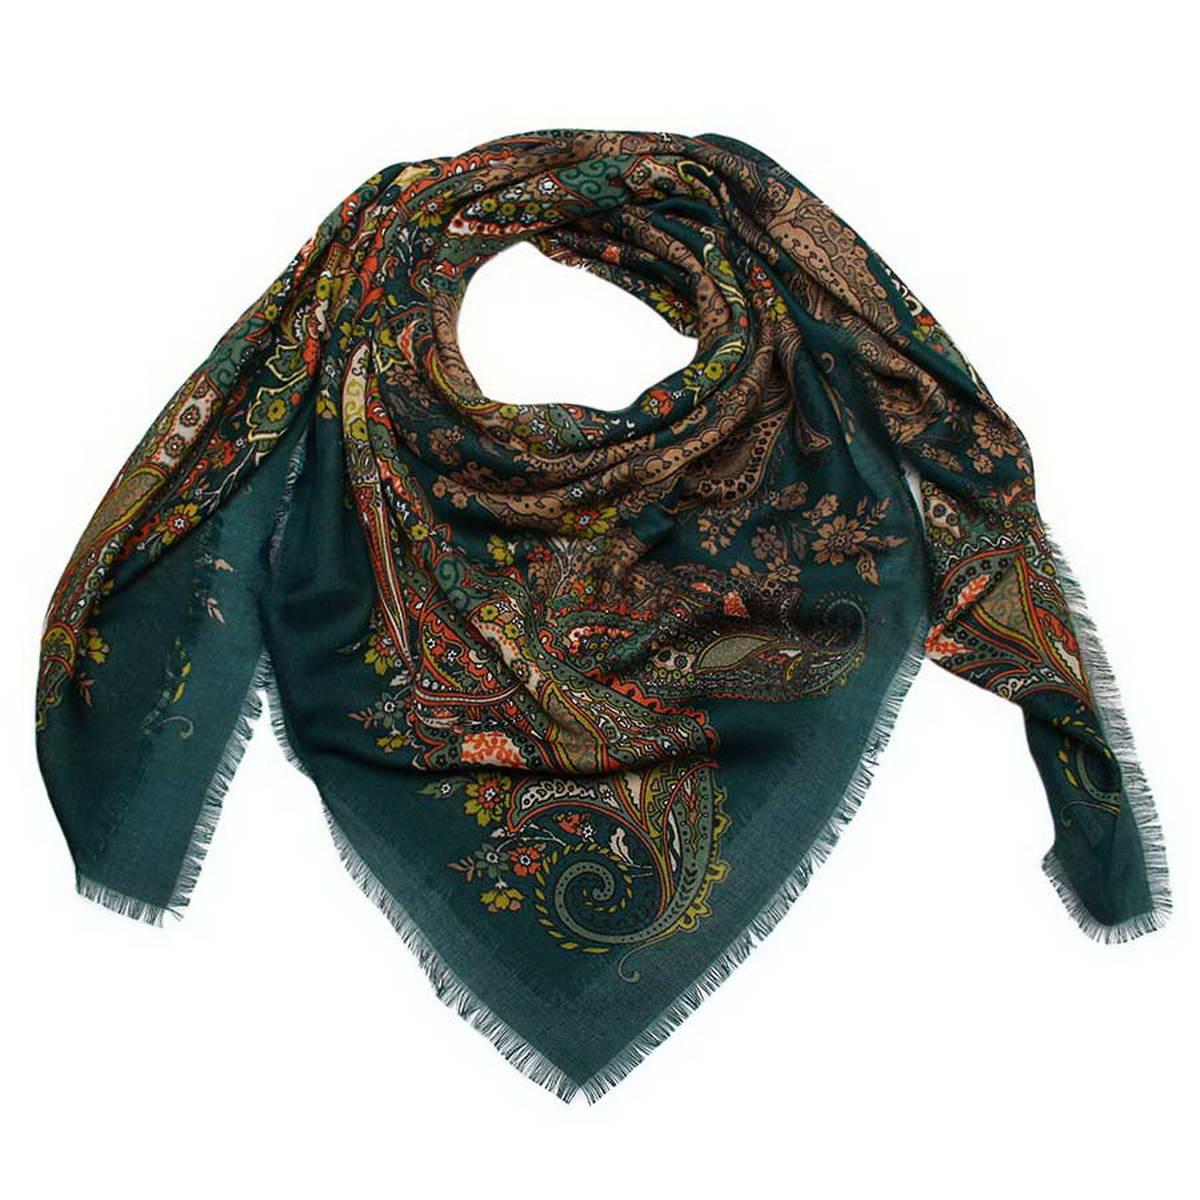 Платок женский Venera, цвет: темно-зеленый, темно-оранжевый, темно-бежевый. 6000452-14. Размер 120 см х 120 см6000452-14Стильный женский платок Venera станет великолепным завершением любого наряда. Платок изготовлен из полиэстера и оформлен оригинальным принтом. Края изделия дополнены бахромой.Классическая квадратная форма позволяет носить платок на шее, украшать им прическу или декорировать сумочку. Легкий и приятный на ощупь платок поможет вам создать изысканный женственный образ. Такой платок превосходно дополнит любой наряд и подчеркнет ваш неповторимый вкус и элегантность.